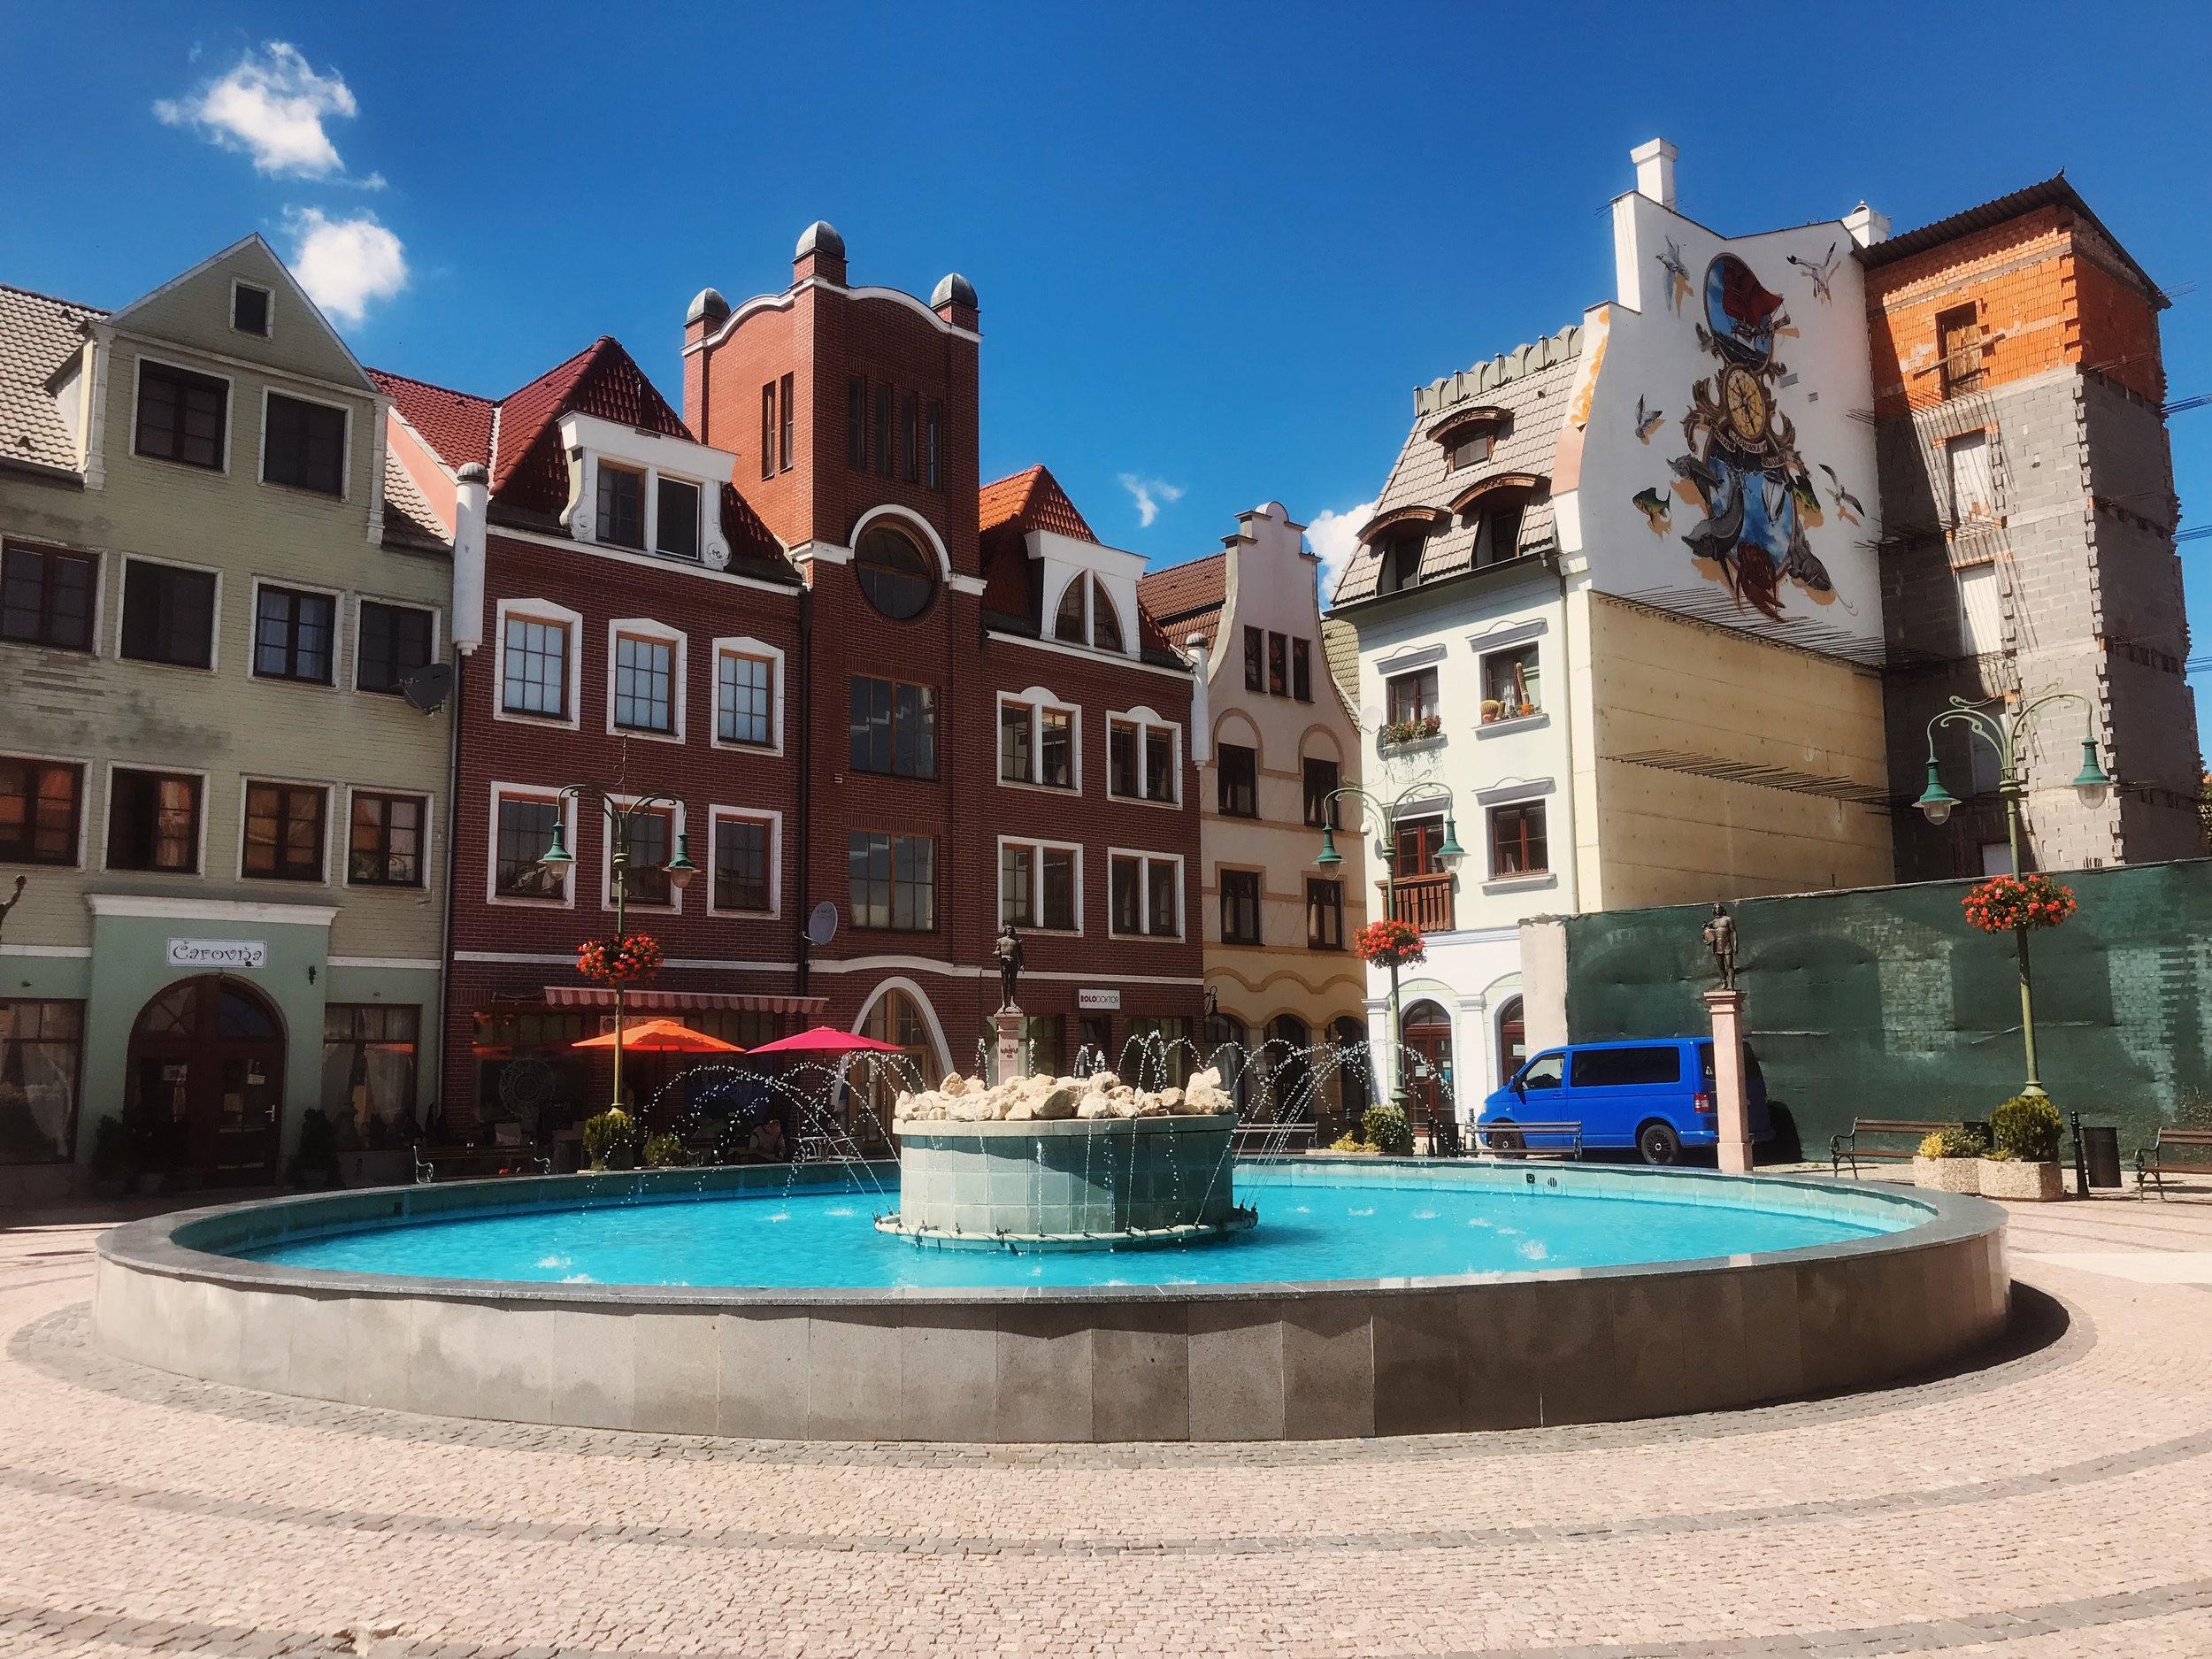 City of Komárno.